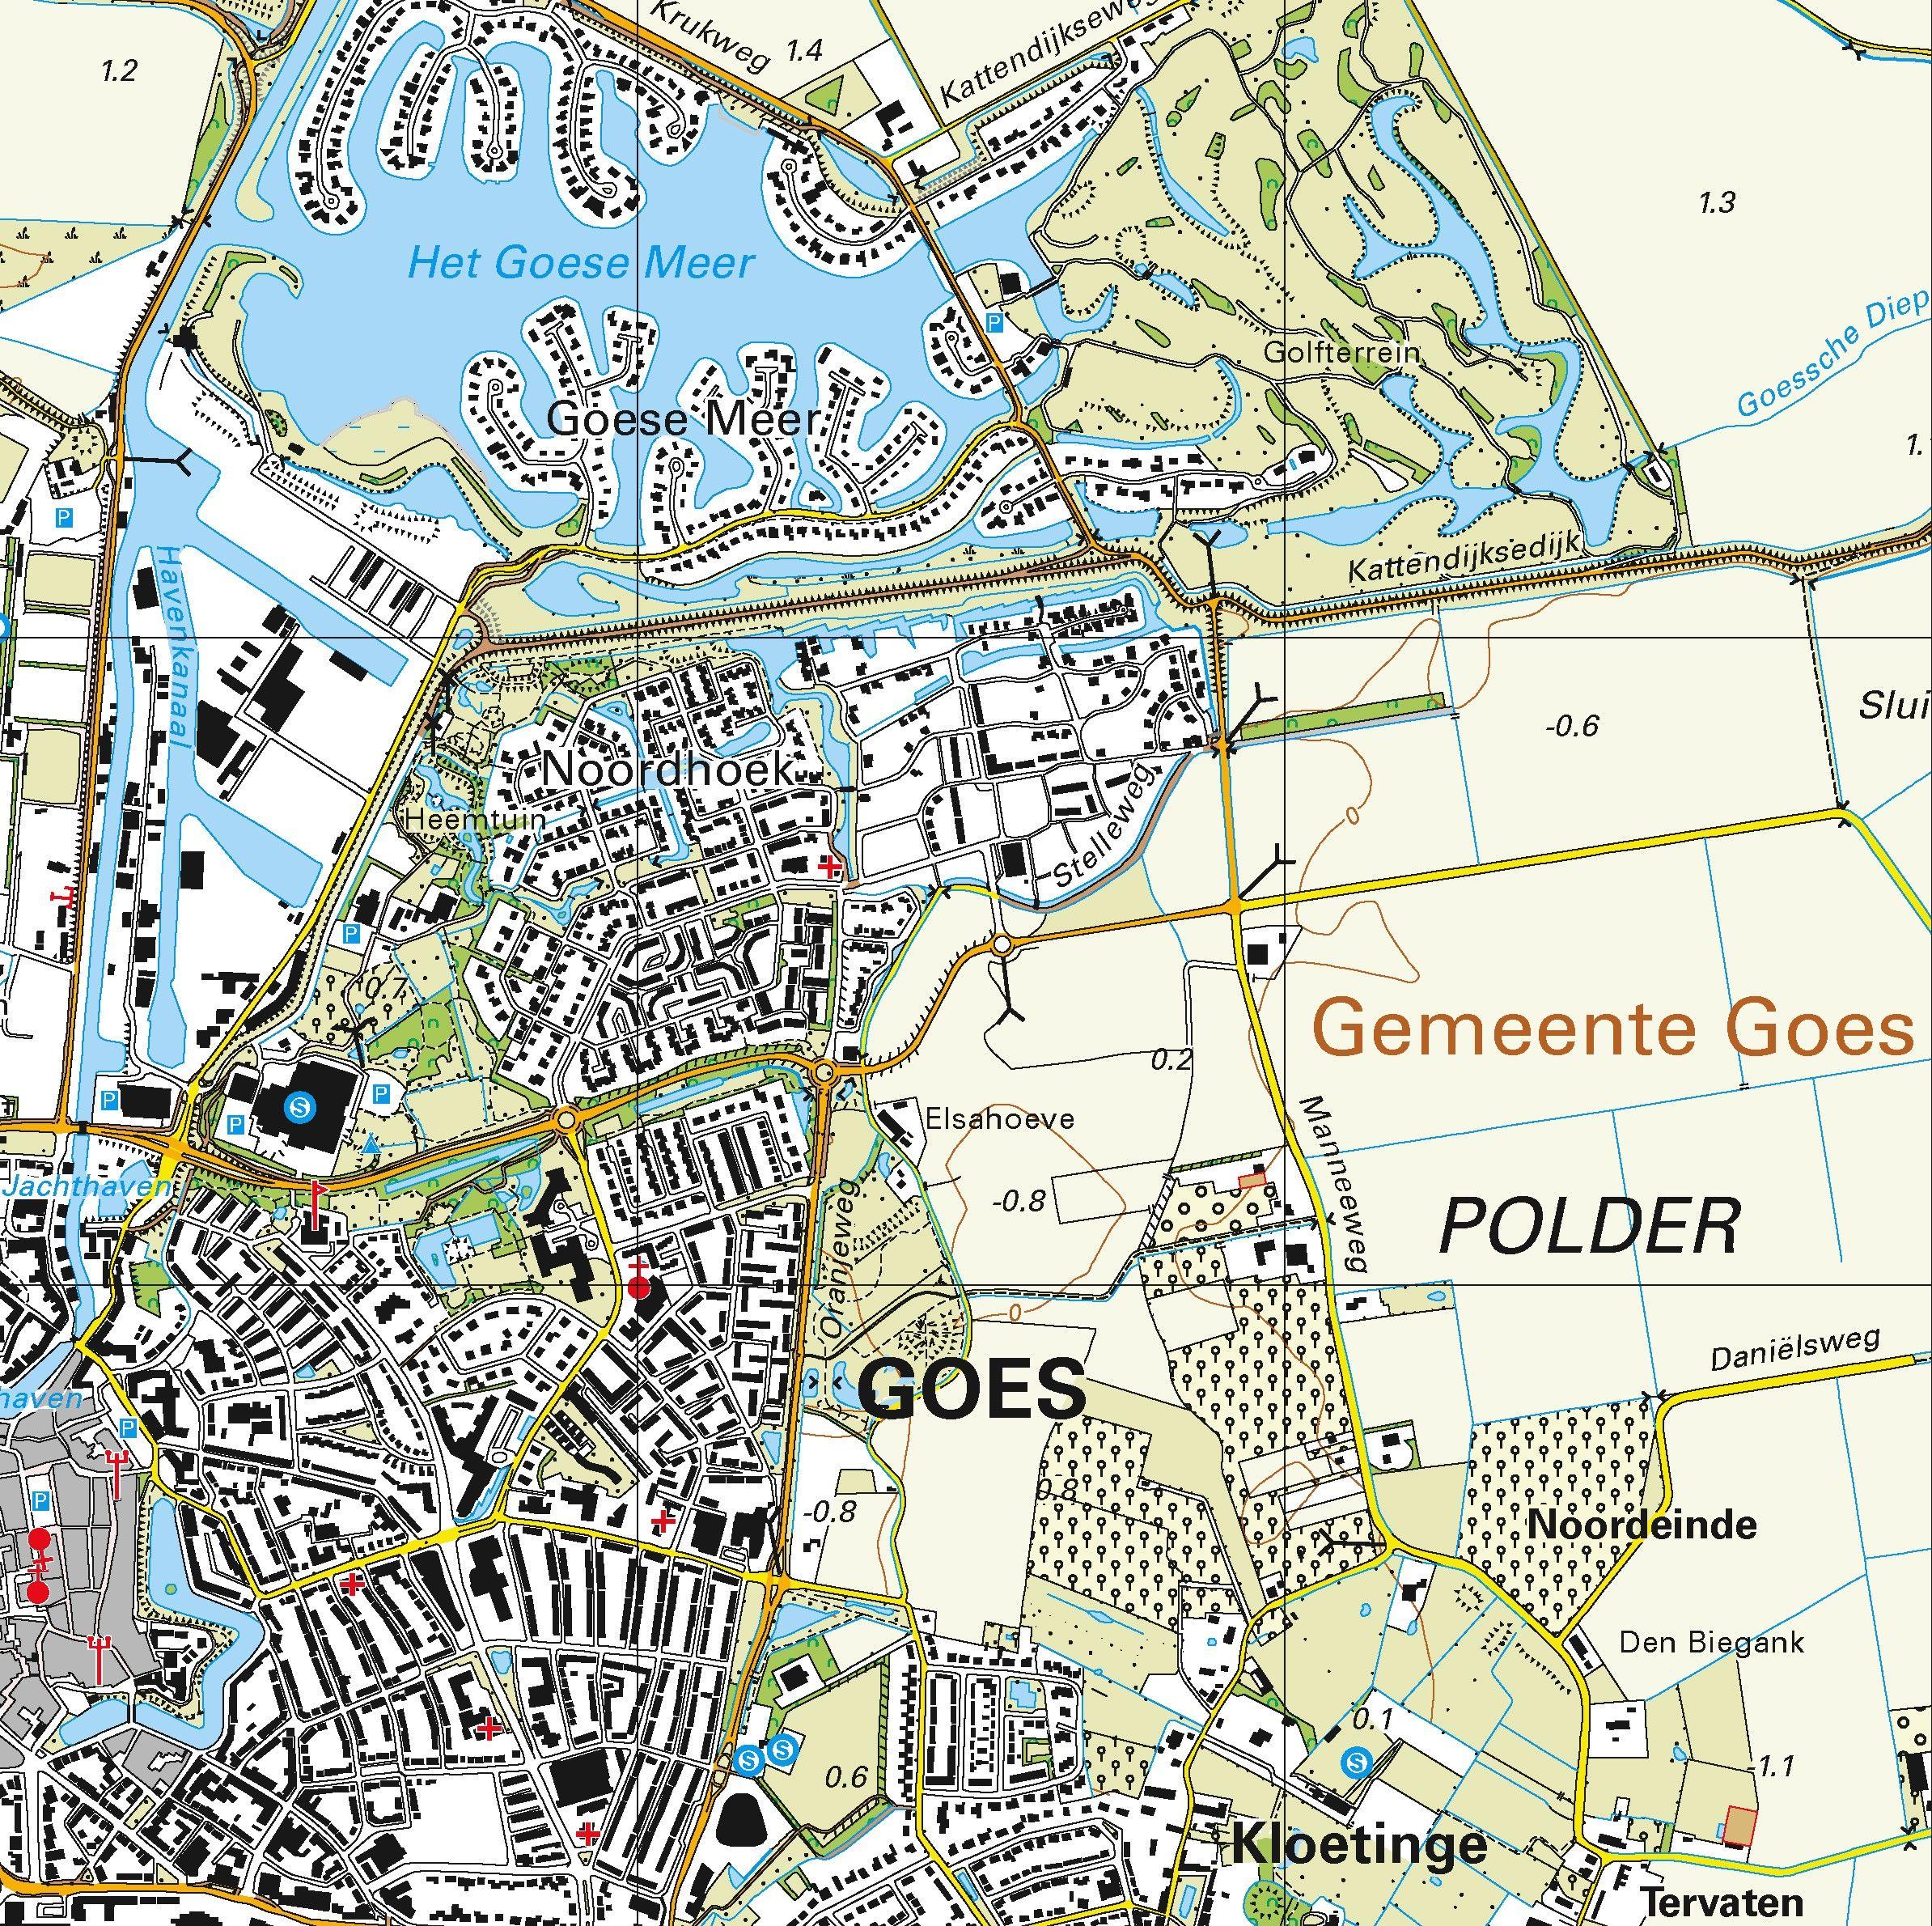 Topografische kaart schaal 1:25.000 (Zierikzee, Bruinisse, Goes, Kapelle, Yerseke, Wemeldinge)